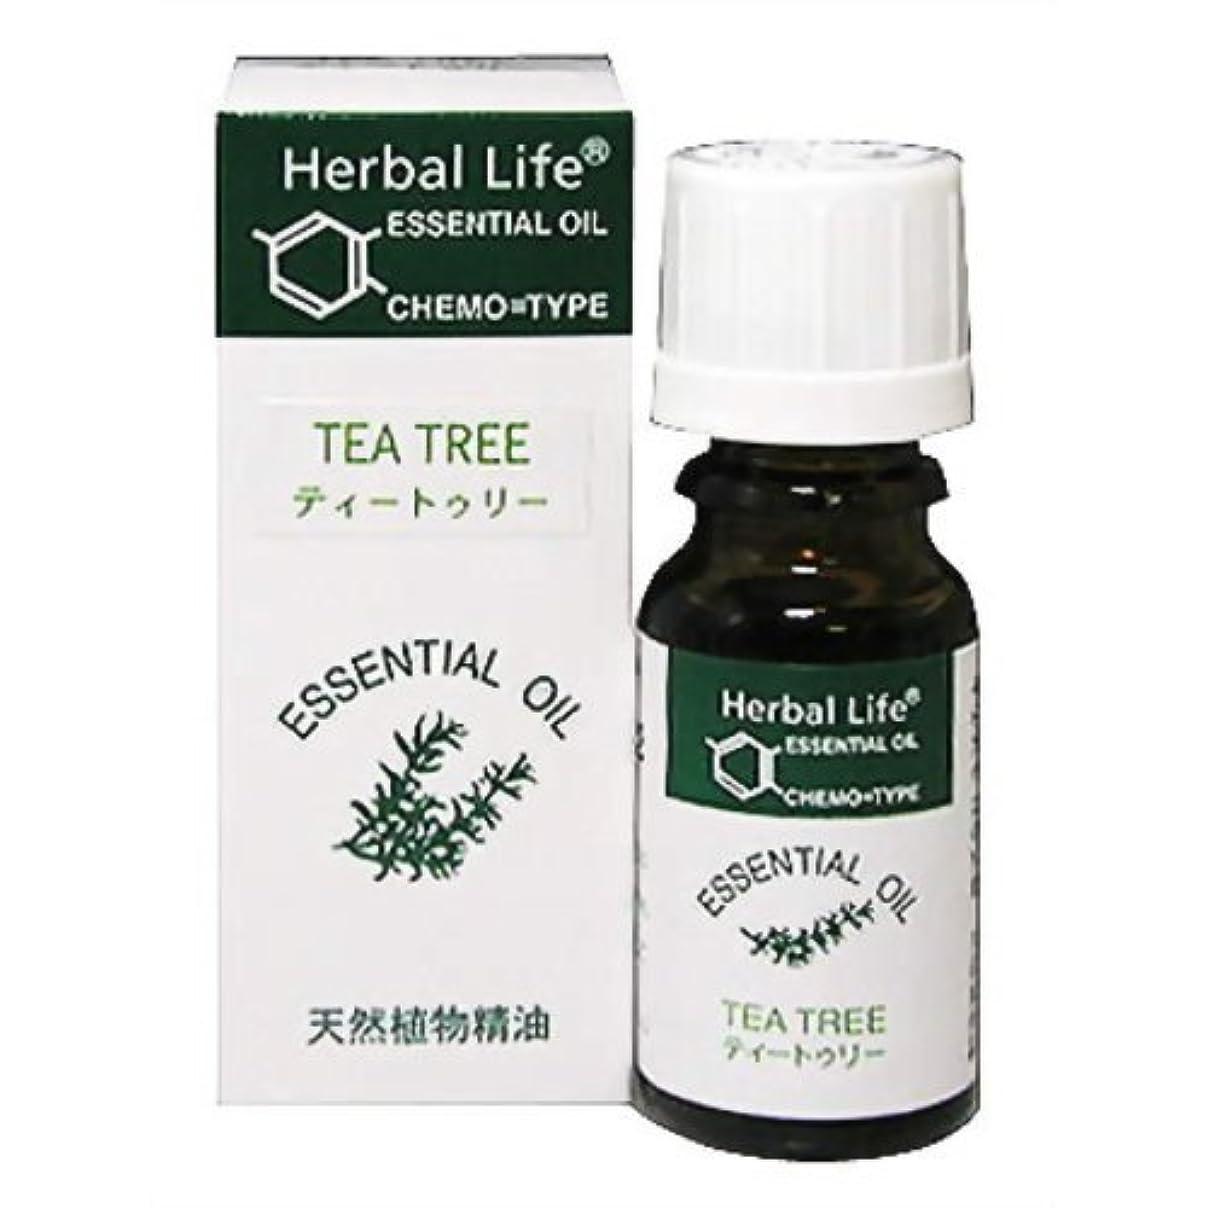 講師悲しみ時制Herbal Life ティートゥリー 10ml